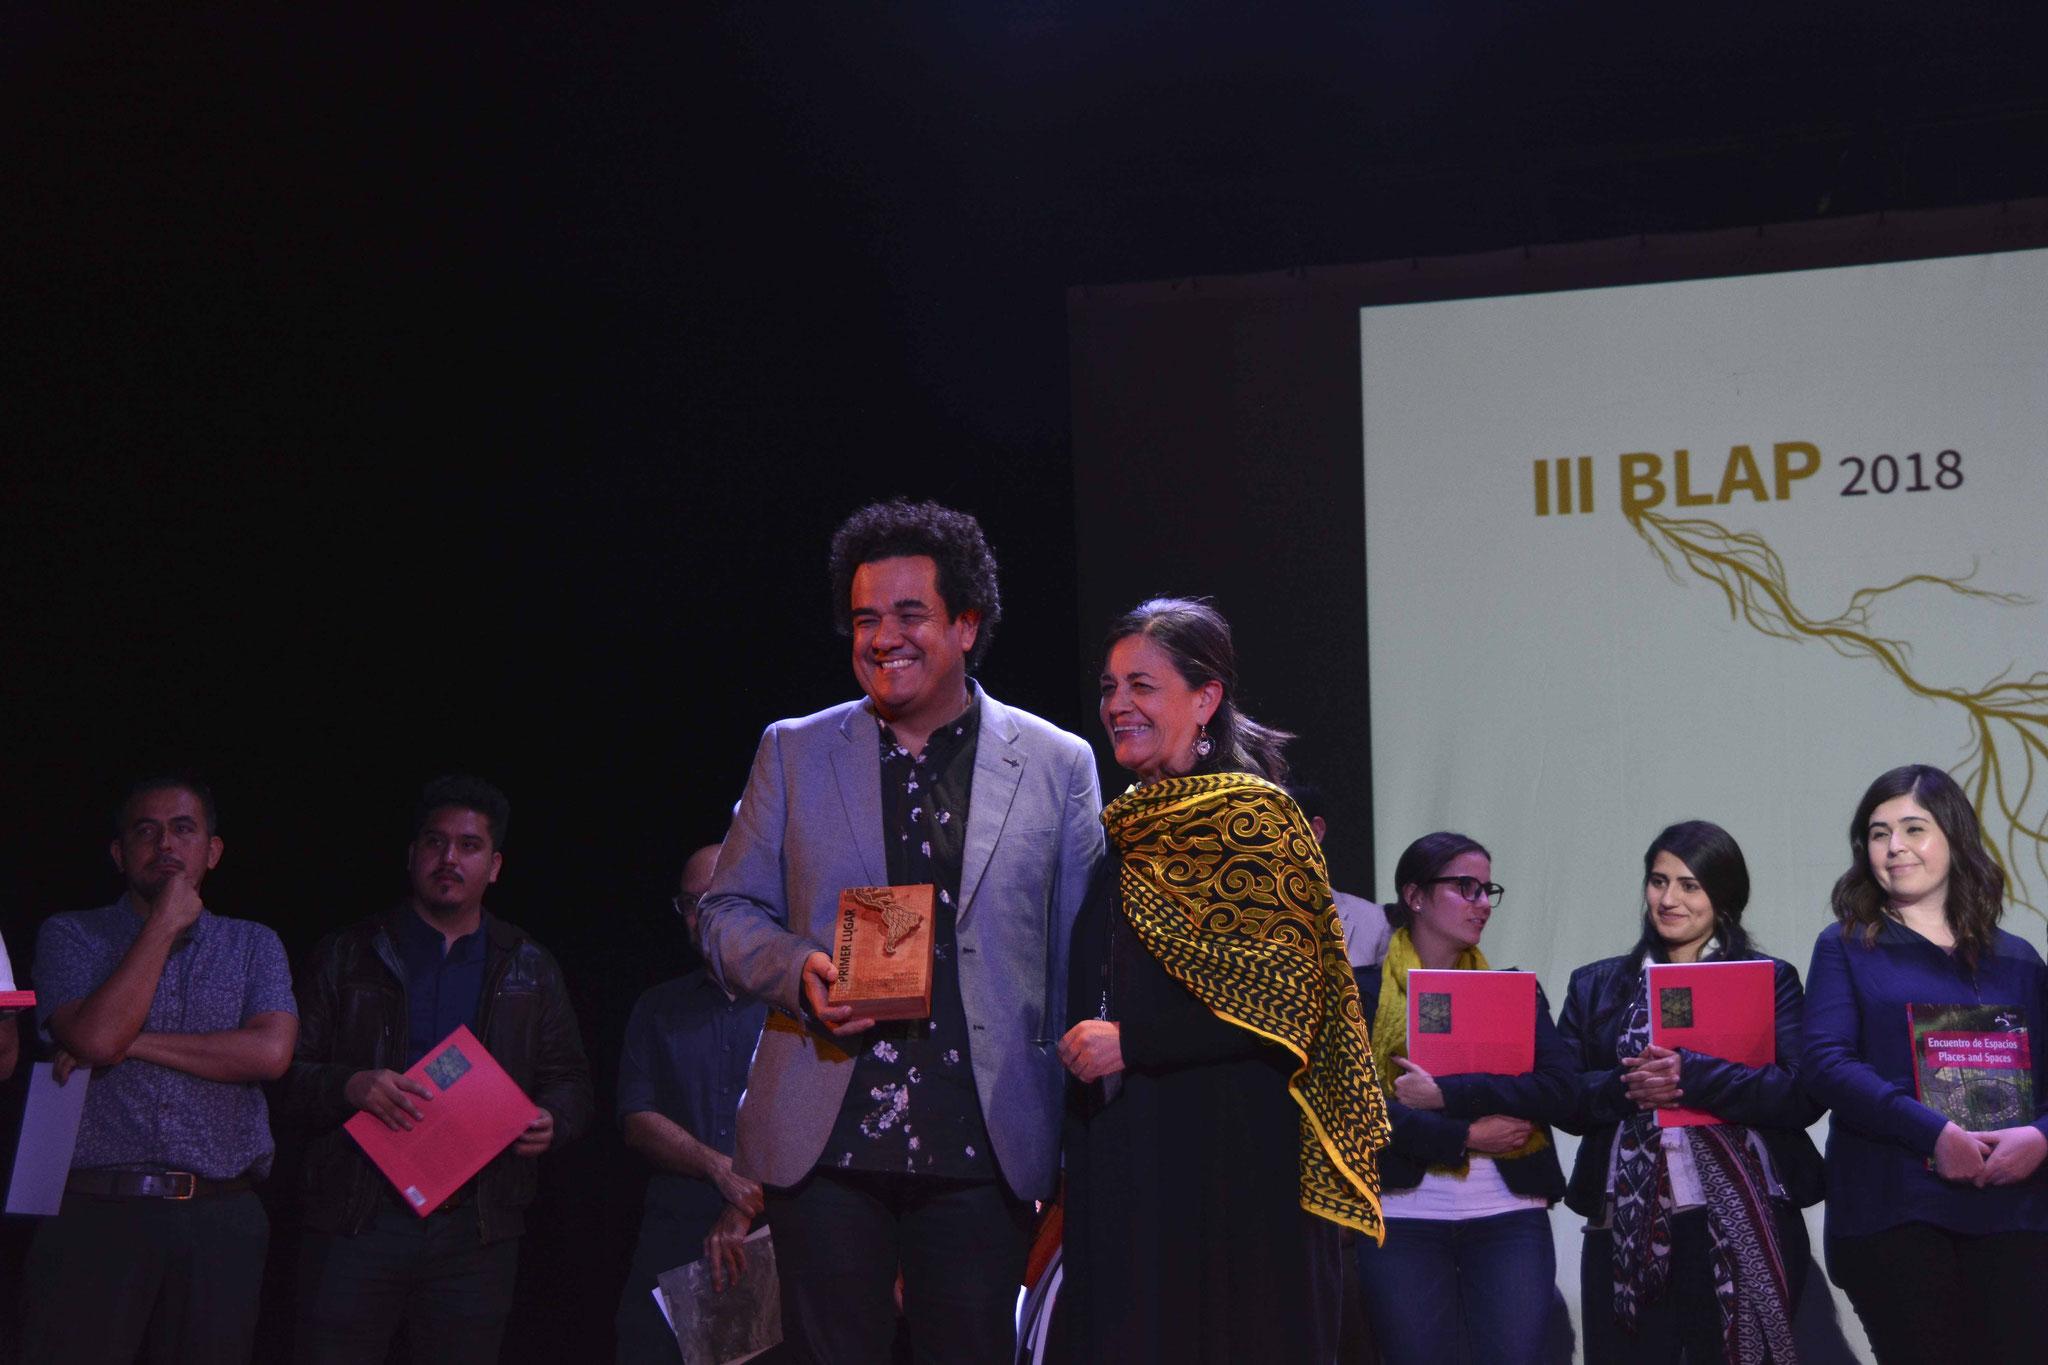 Premiación III BLAP / Ganador III BLAP